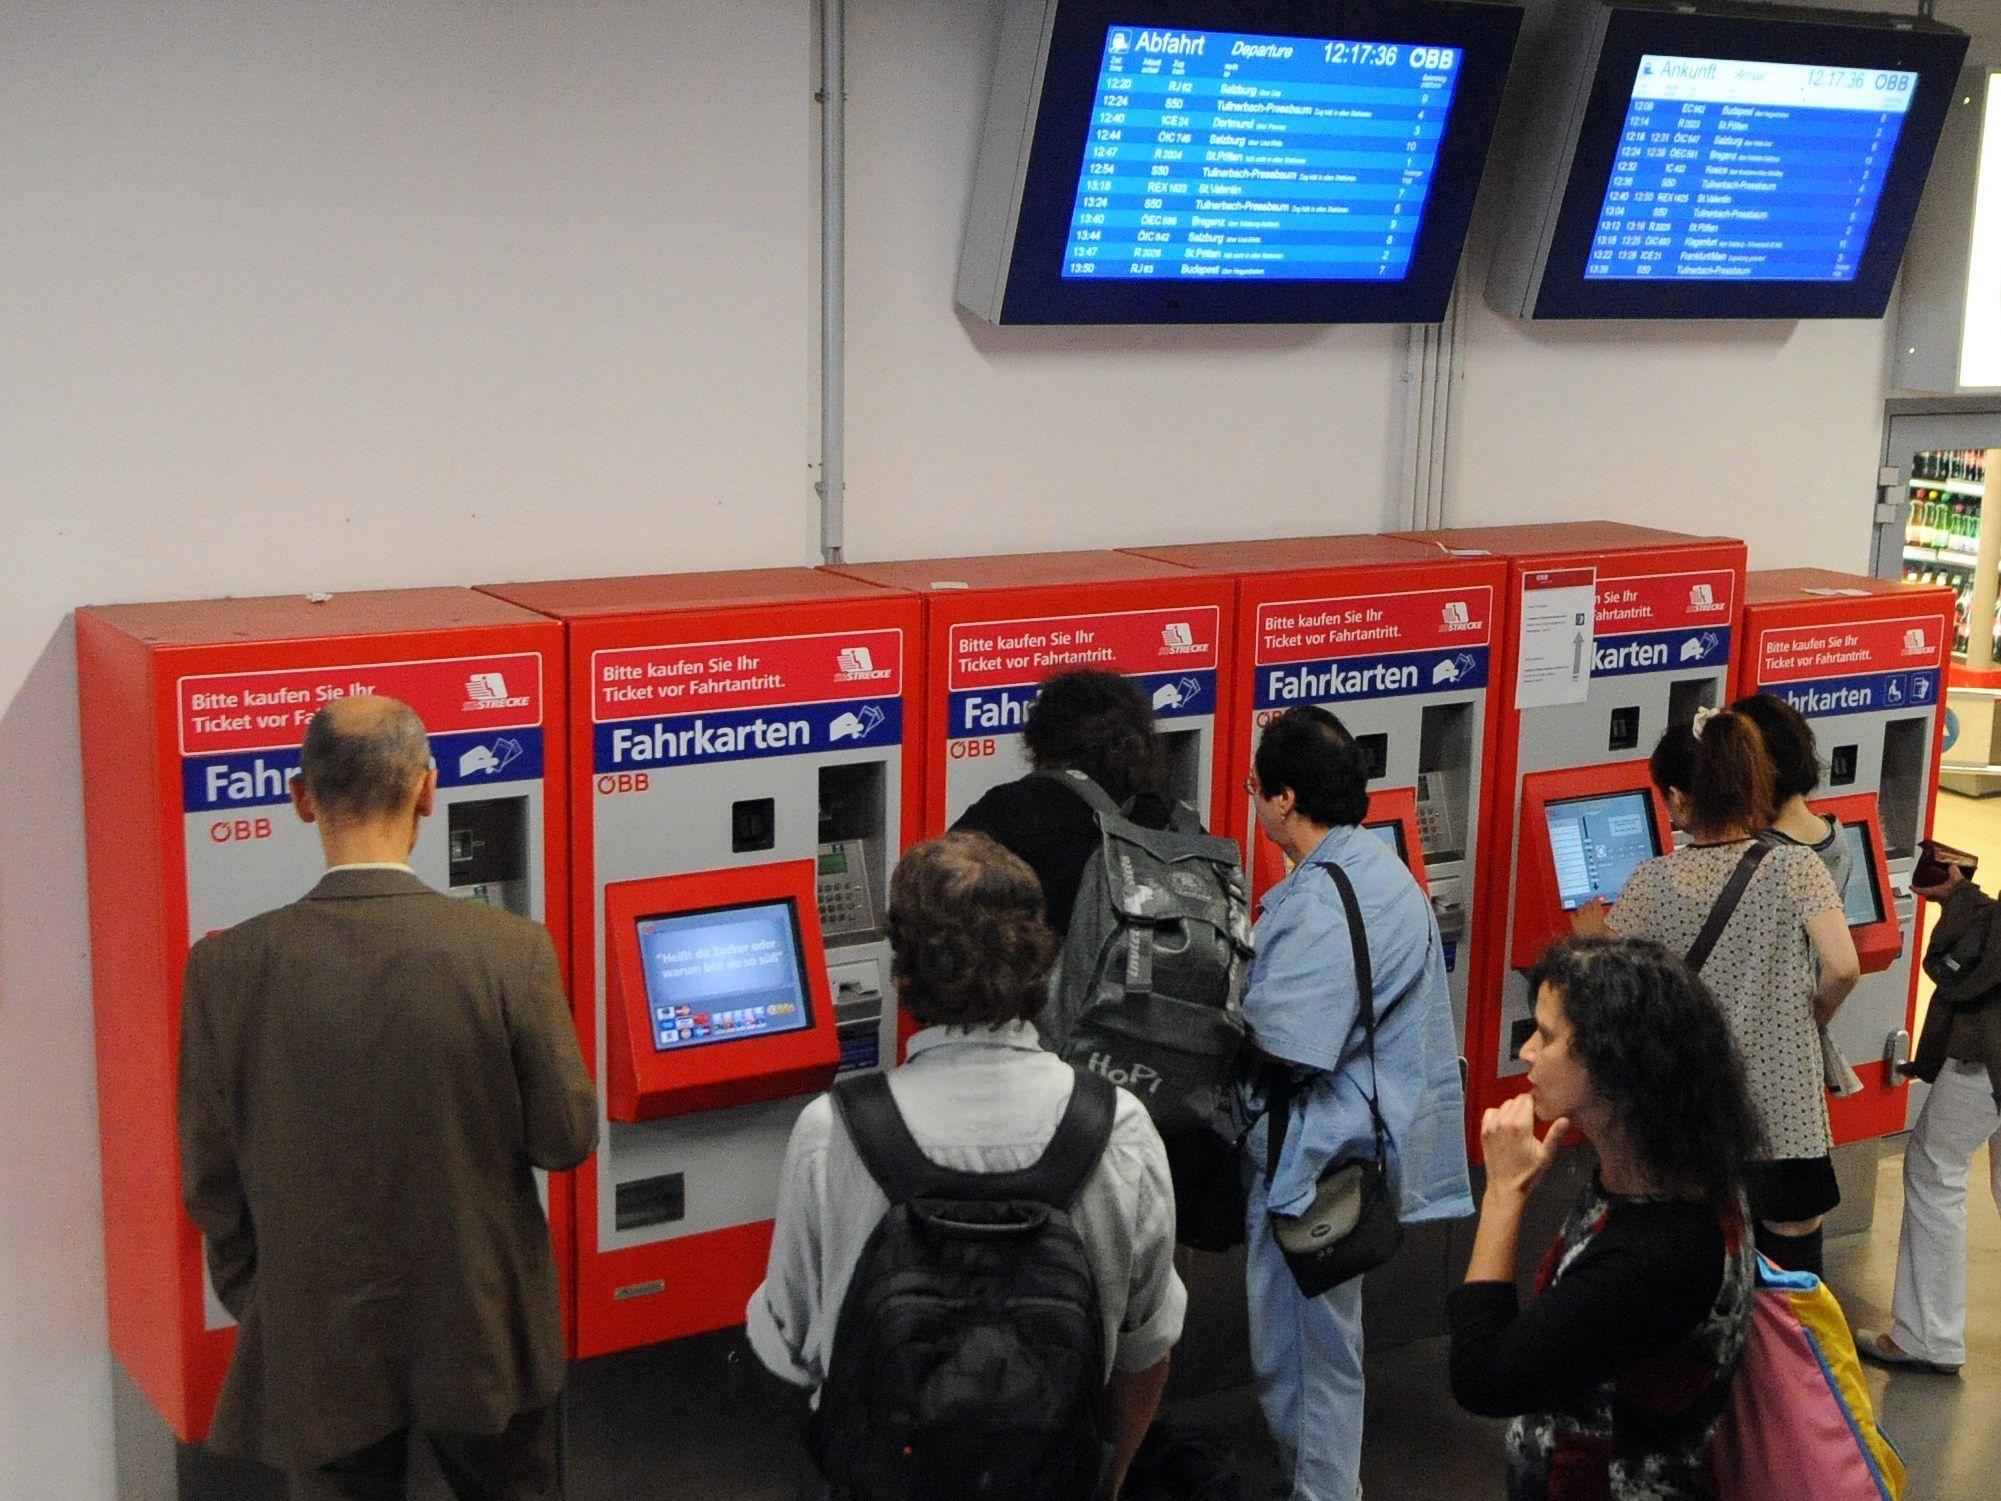 Preisanstieg öbb Tickets Werden Mit 2019 Teurer österreich